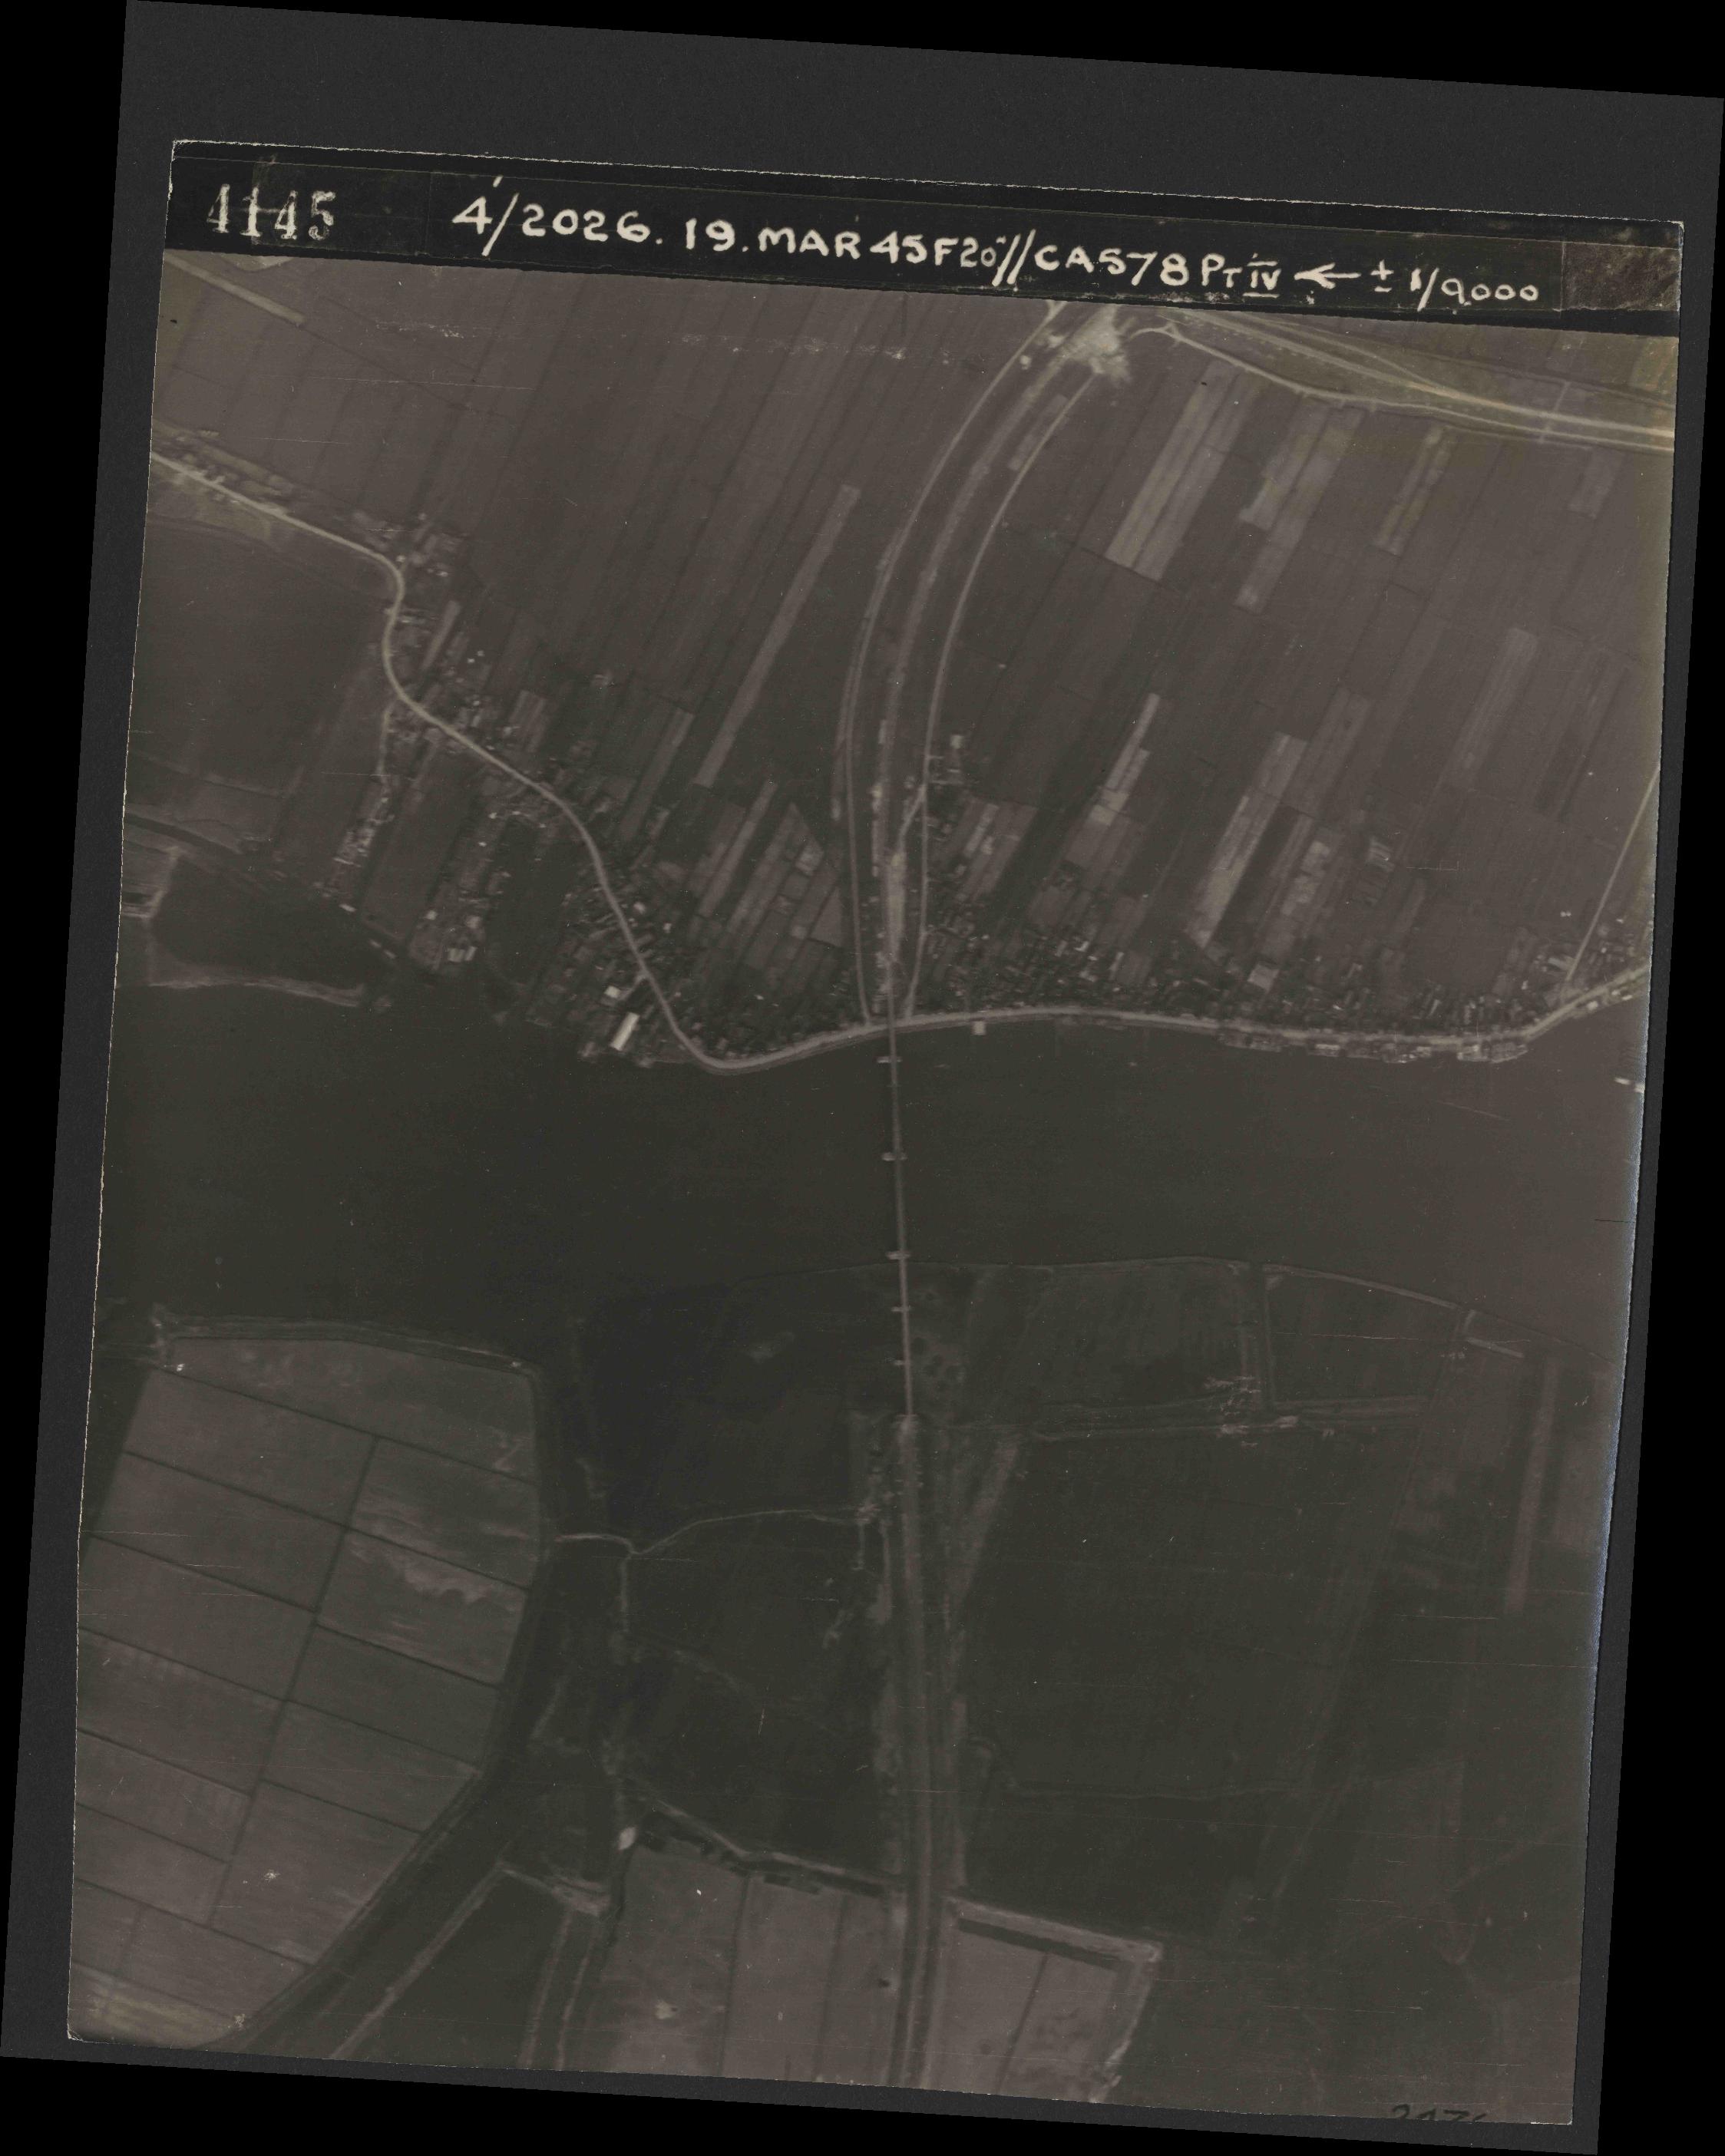 Collection RAF aerial photos 1940-1945 - flight 012, run 05, photo 4145